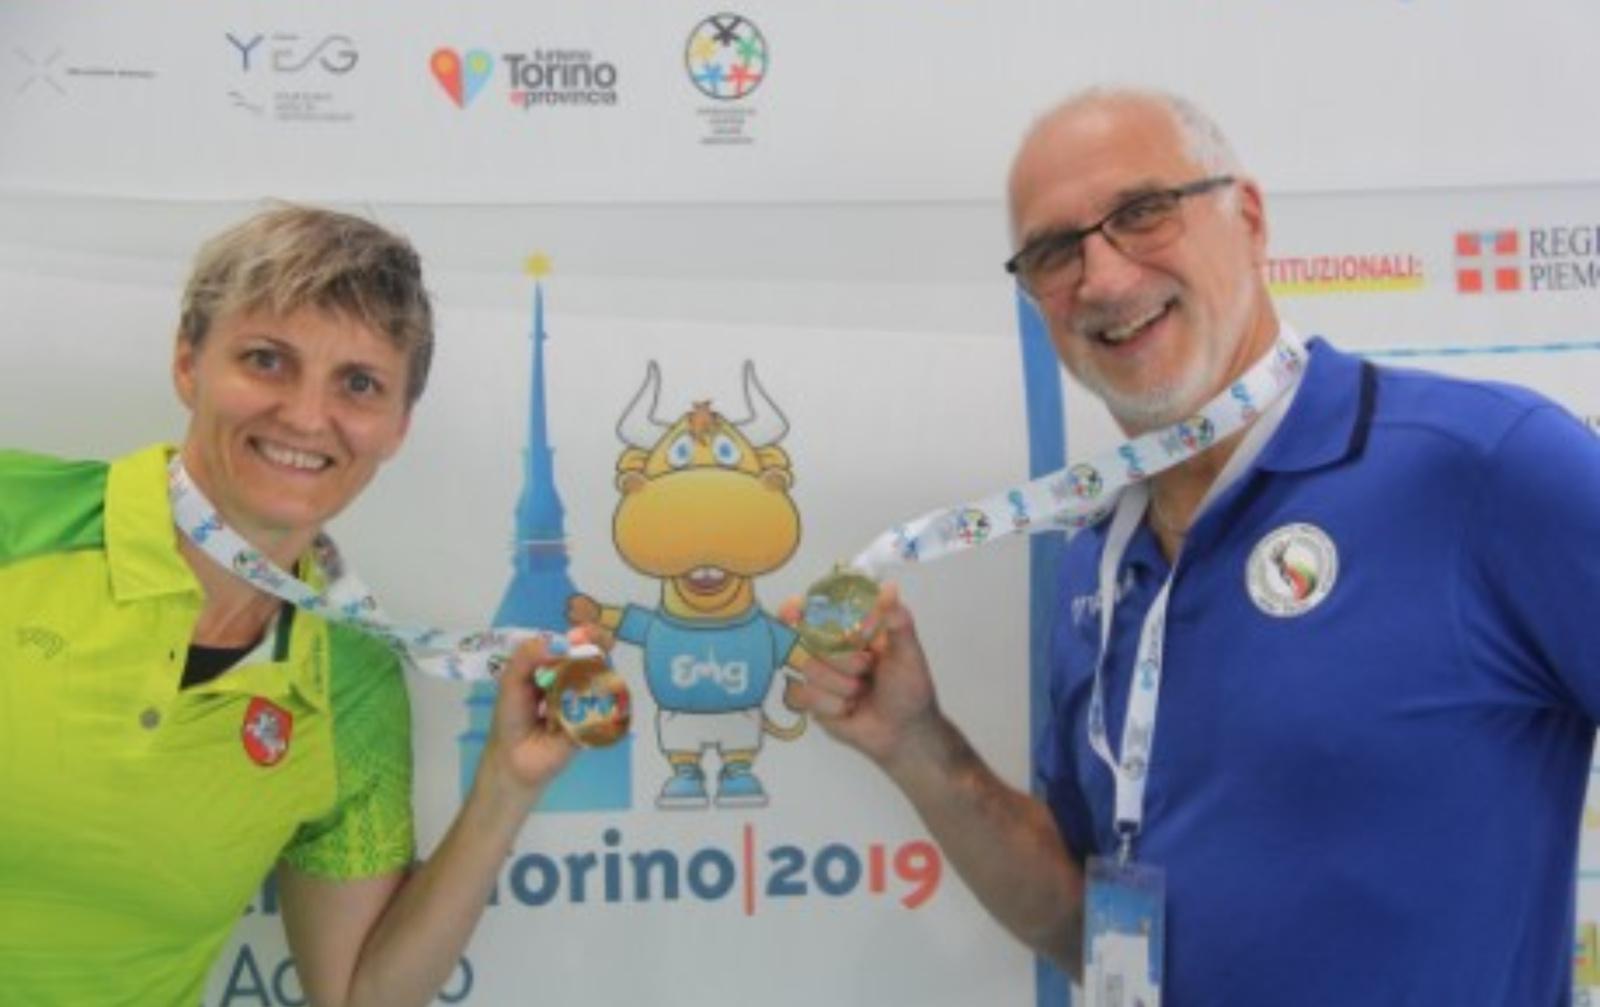 Alytaus plaukimo meistras – 2019 m. Europos meistrų žaidynių Turine čempionas